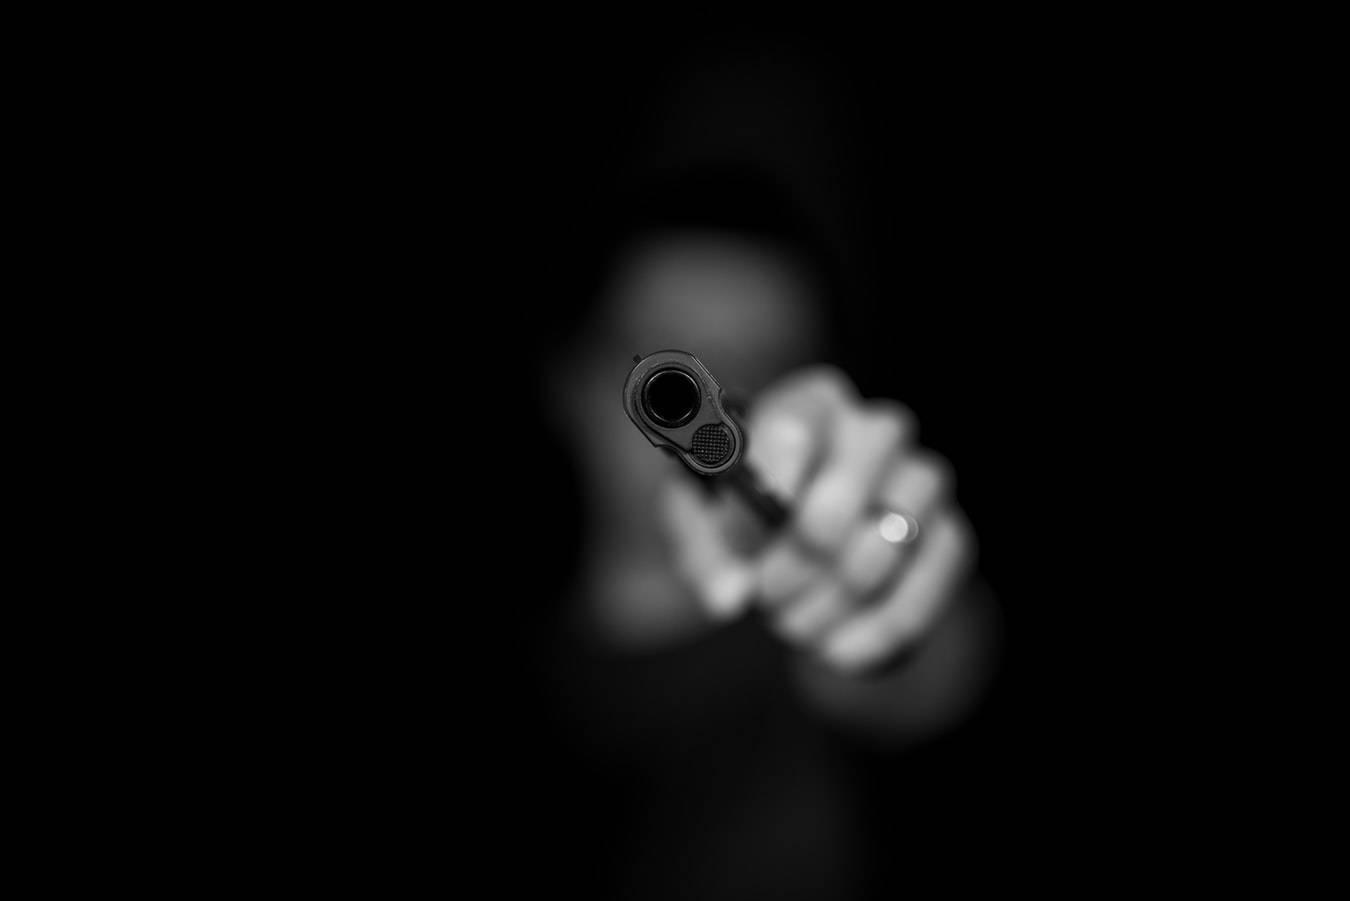 Policija traži čovjeka koji je kod Varaždina pištoljem ubio psa...